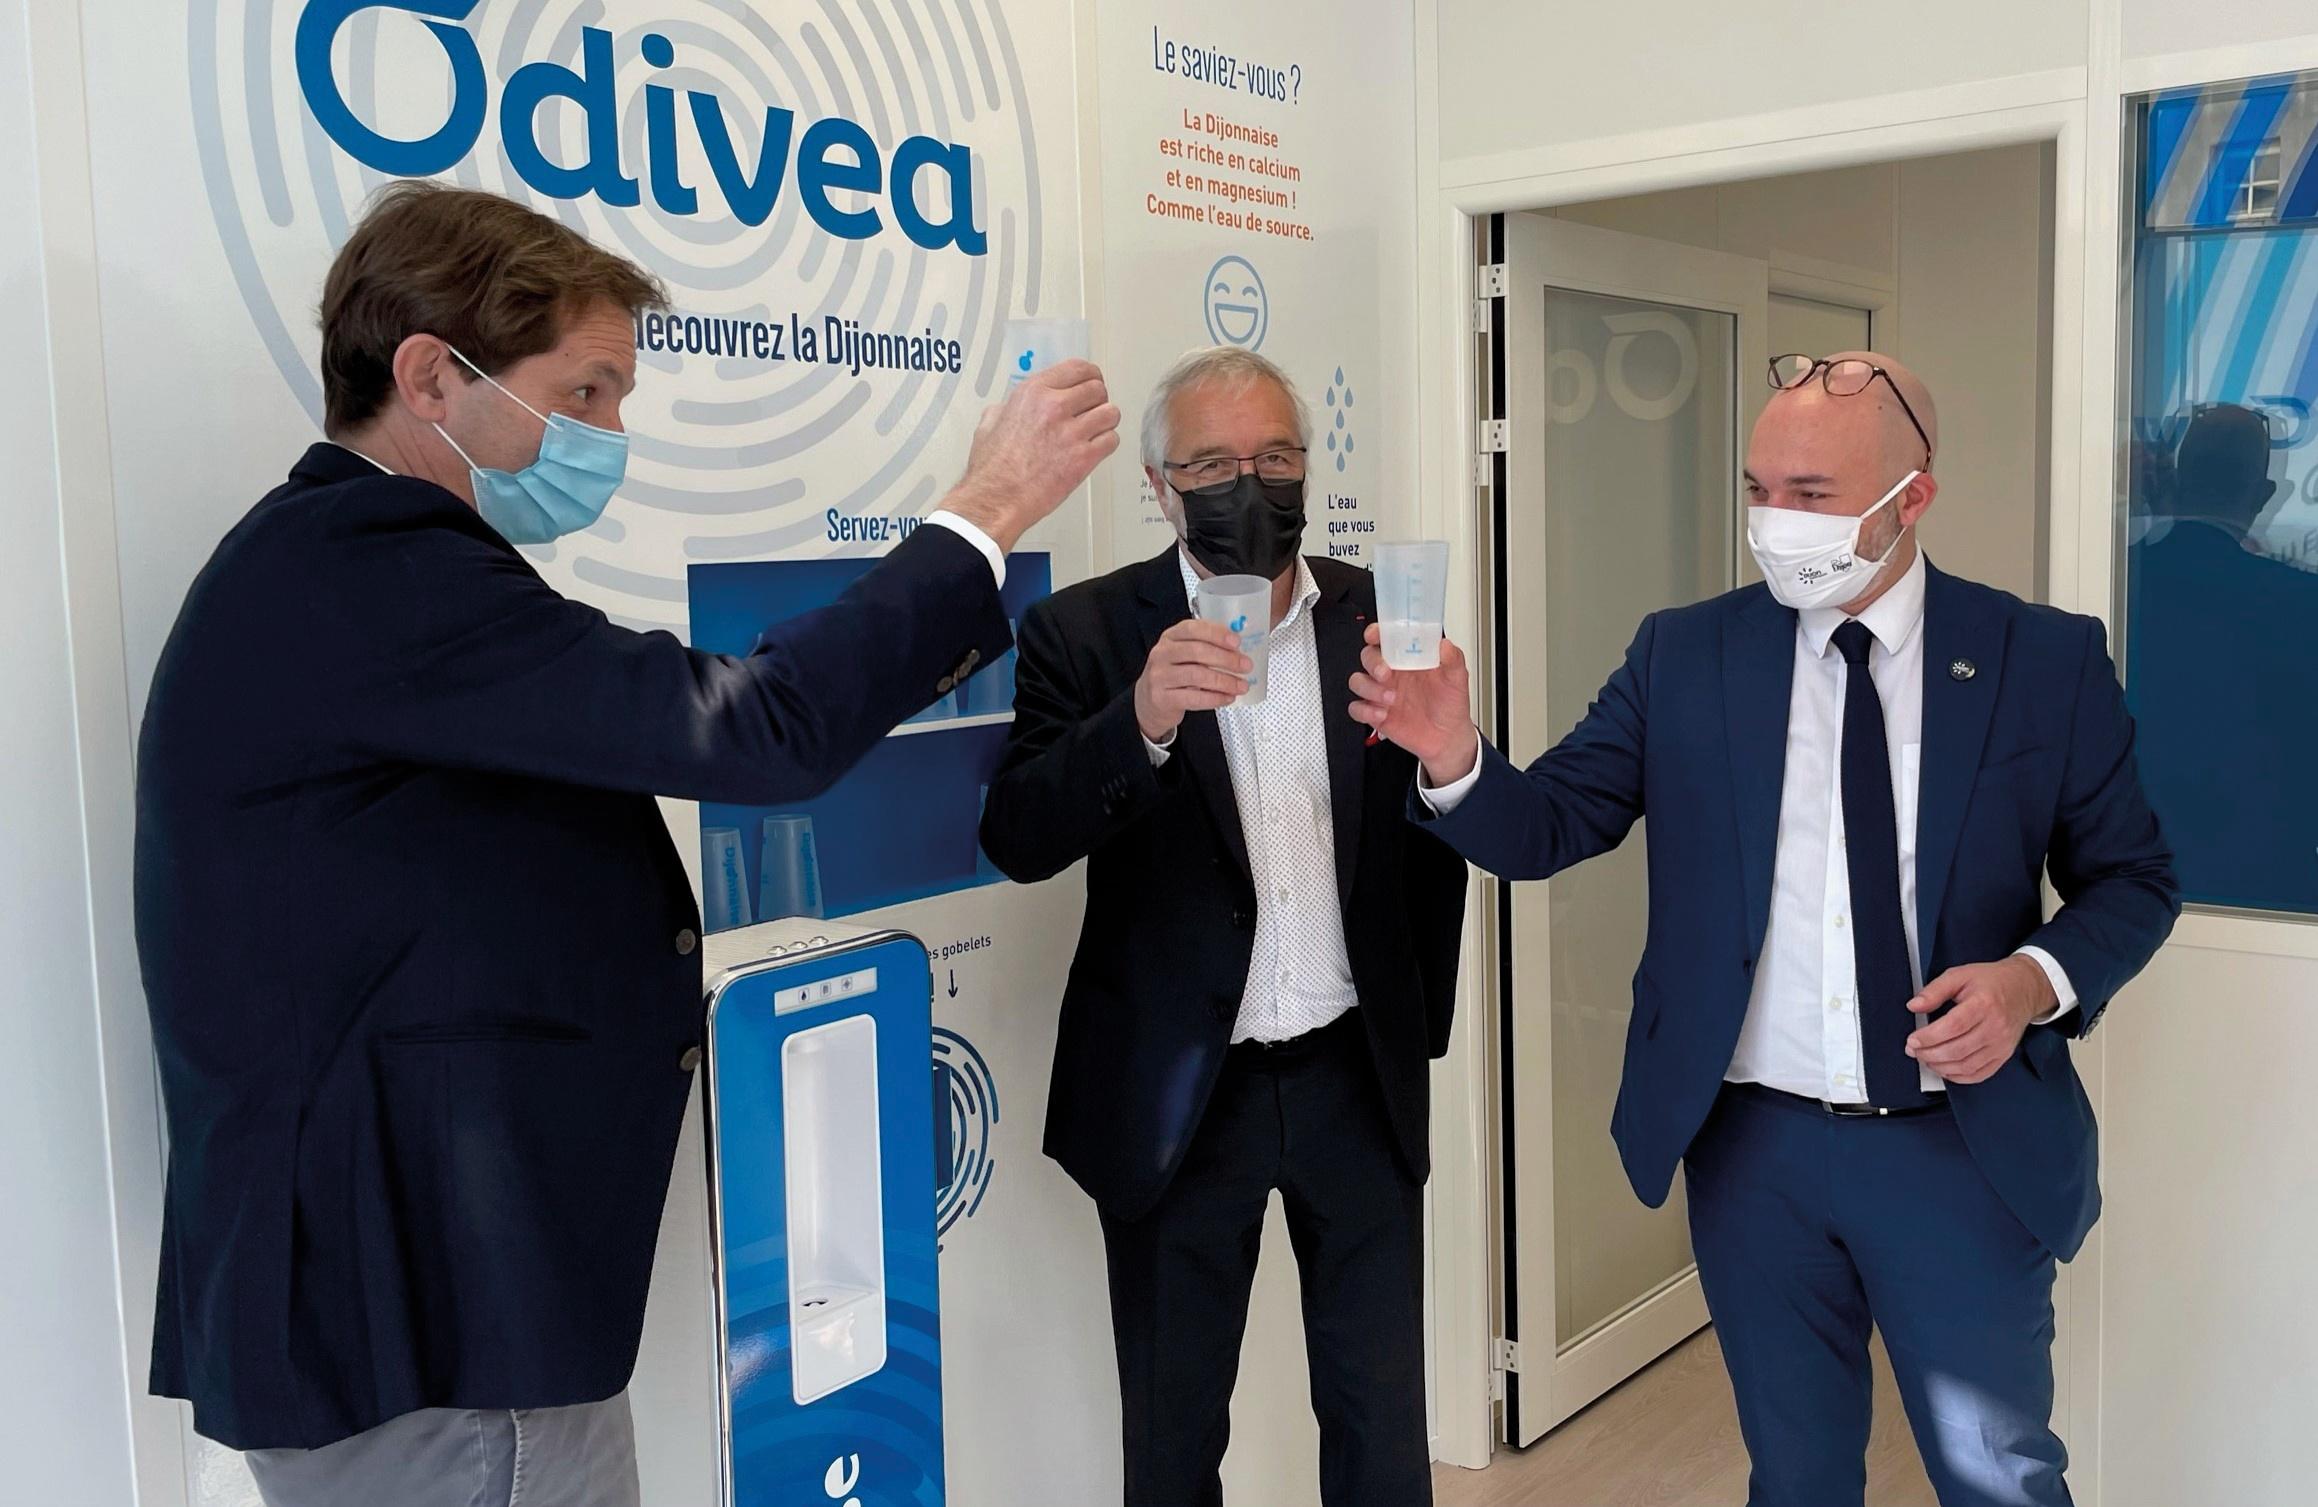 Avec Odivea, Dijon Métropole opte pour une gestion de l'eau partagée